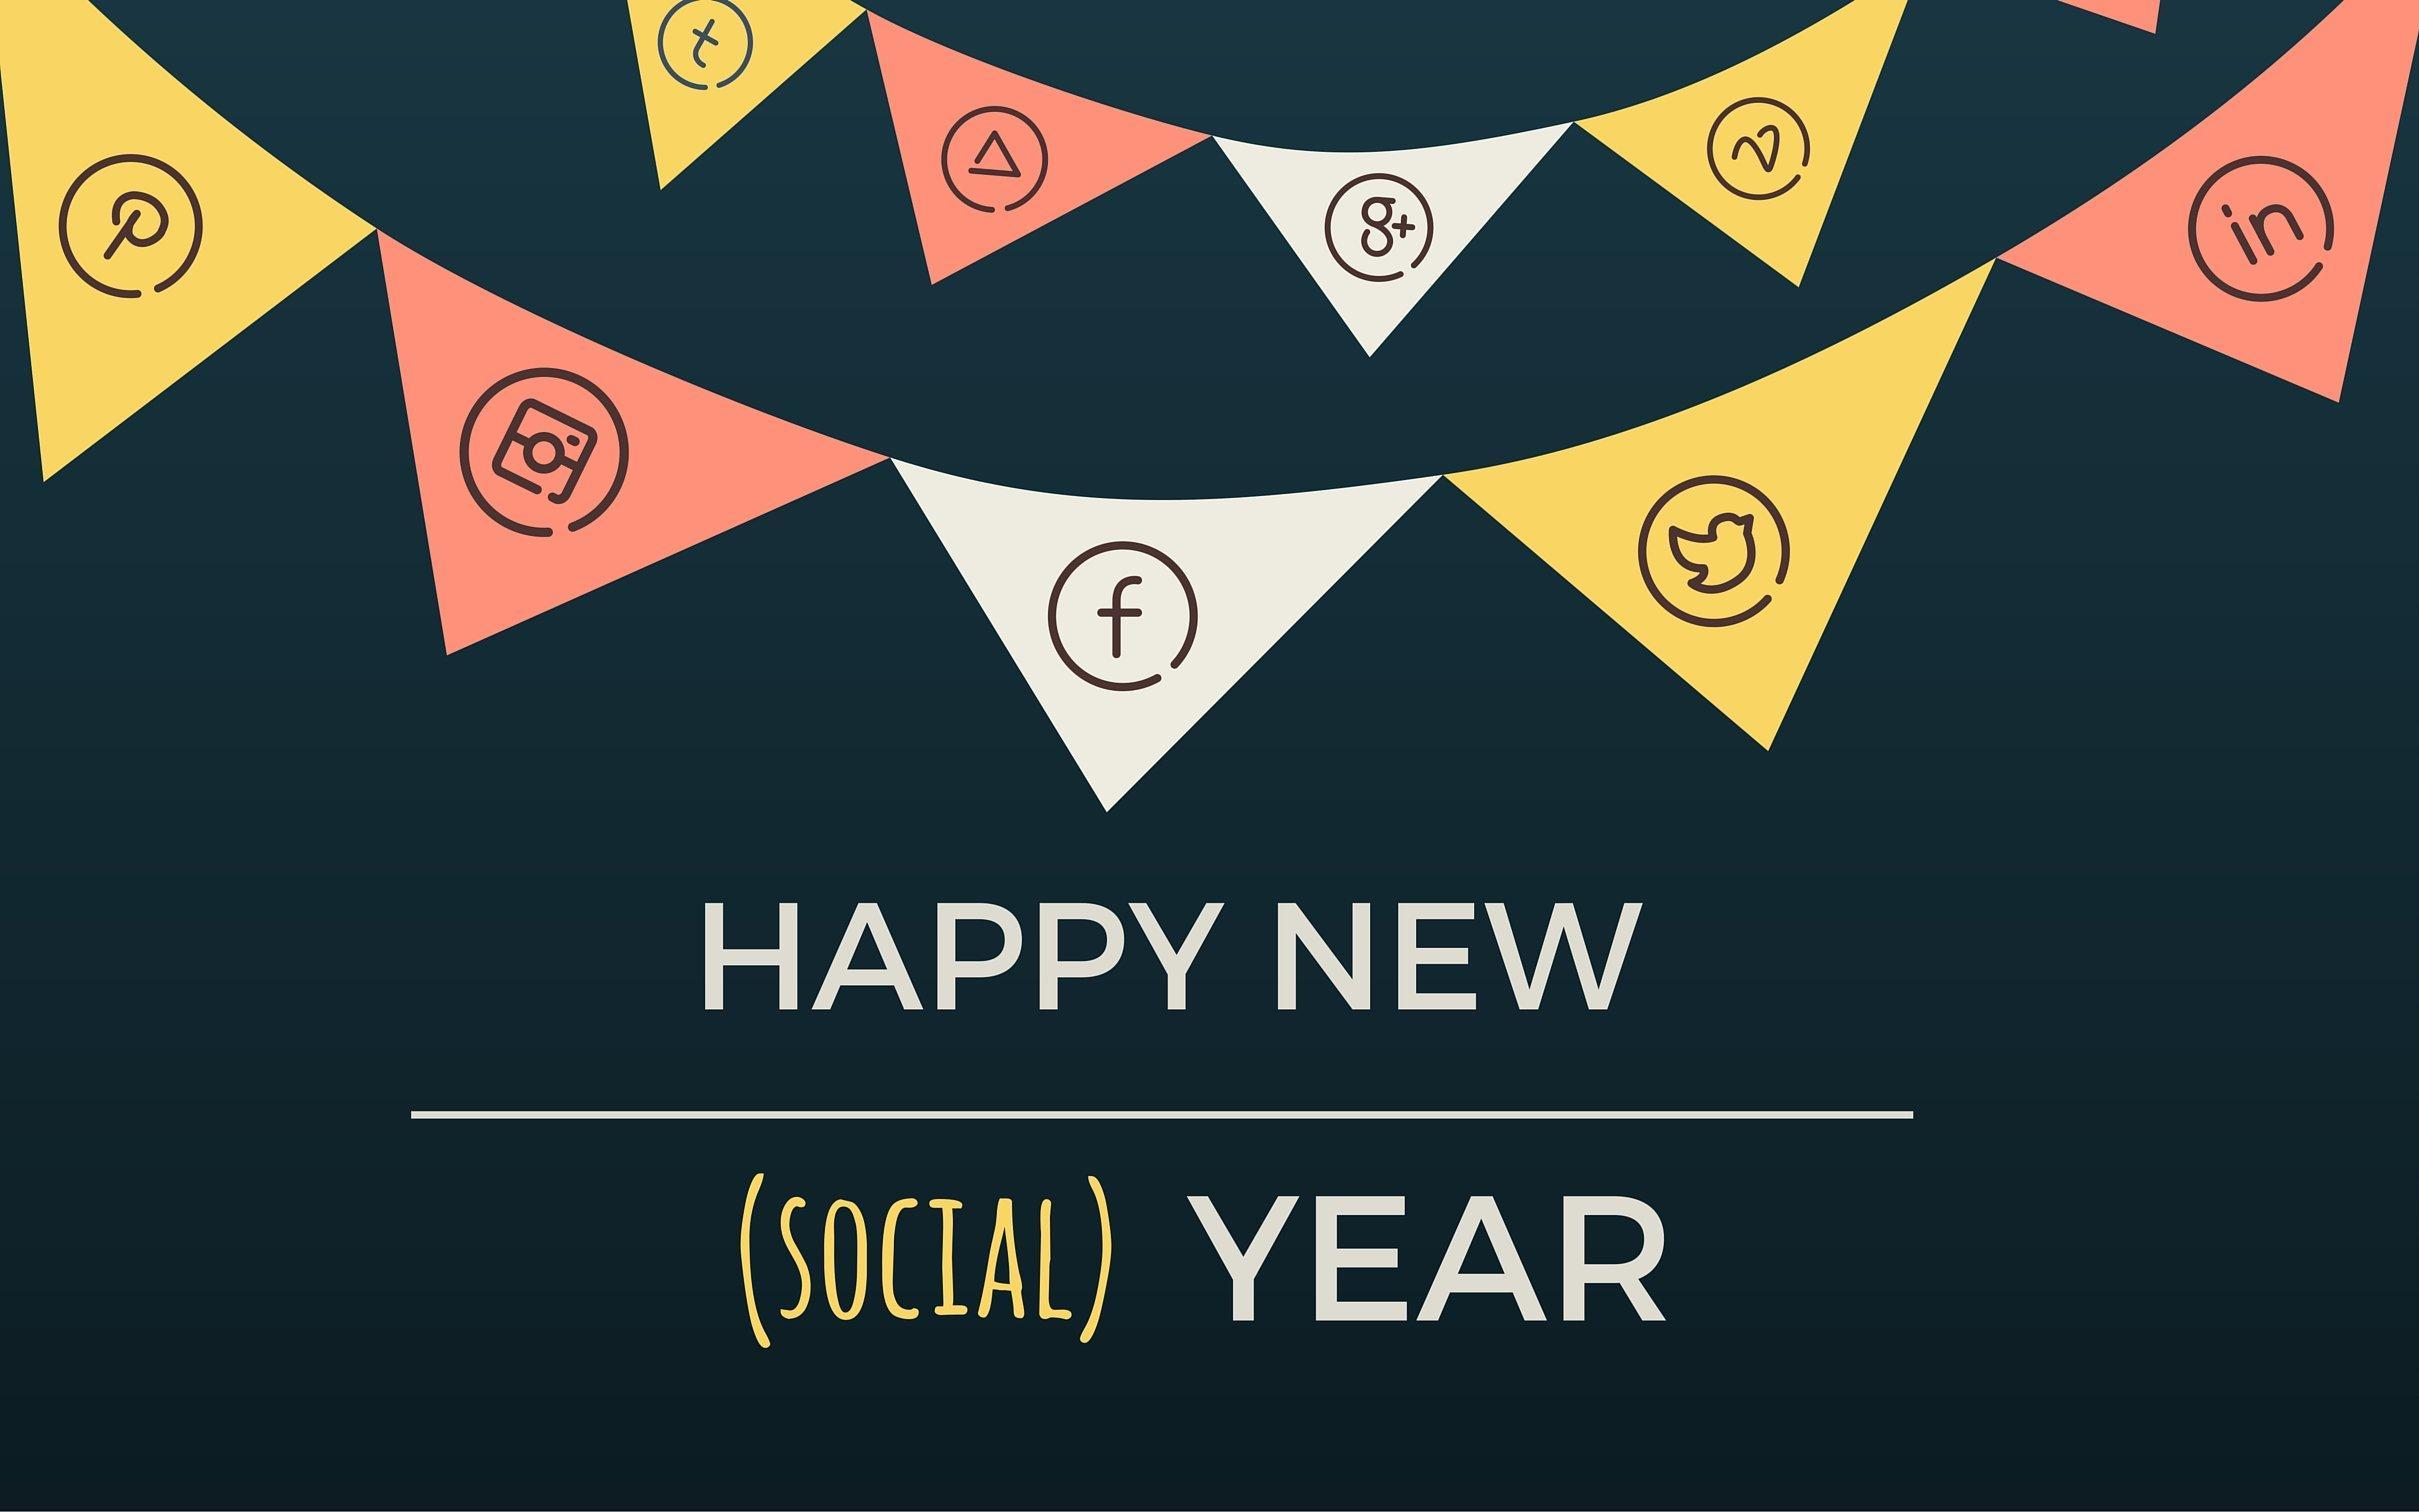 Le novità social del 2015